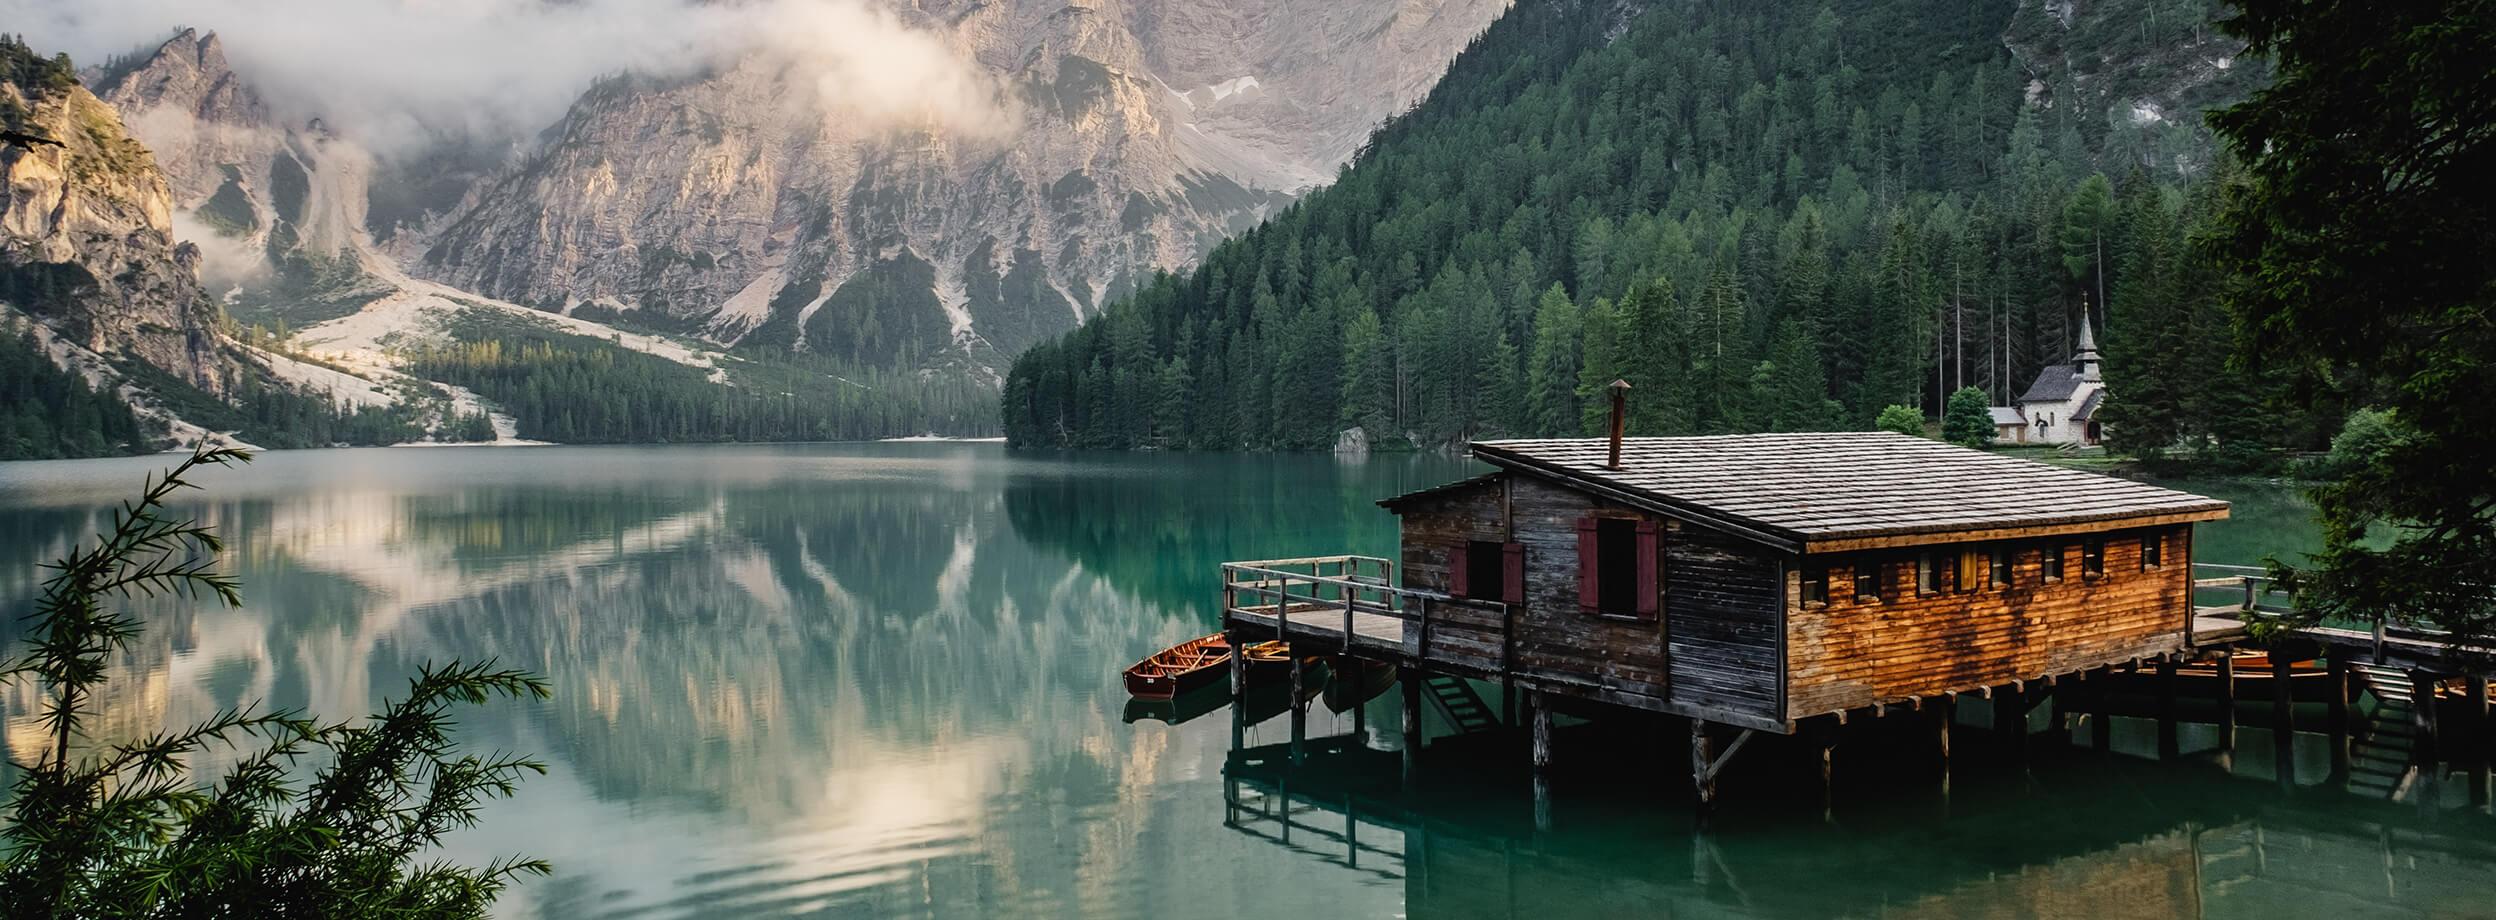 My cabin,